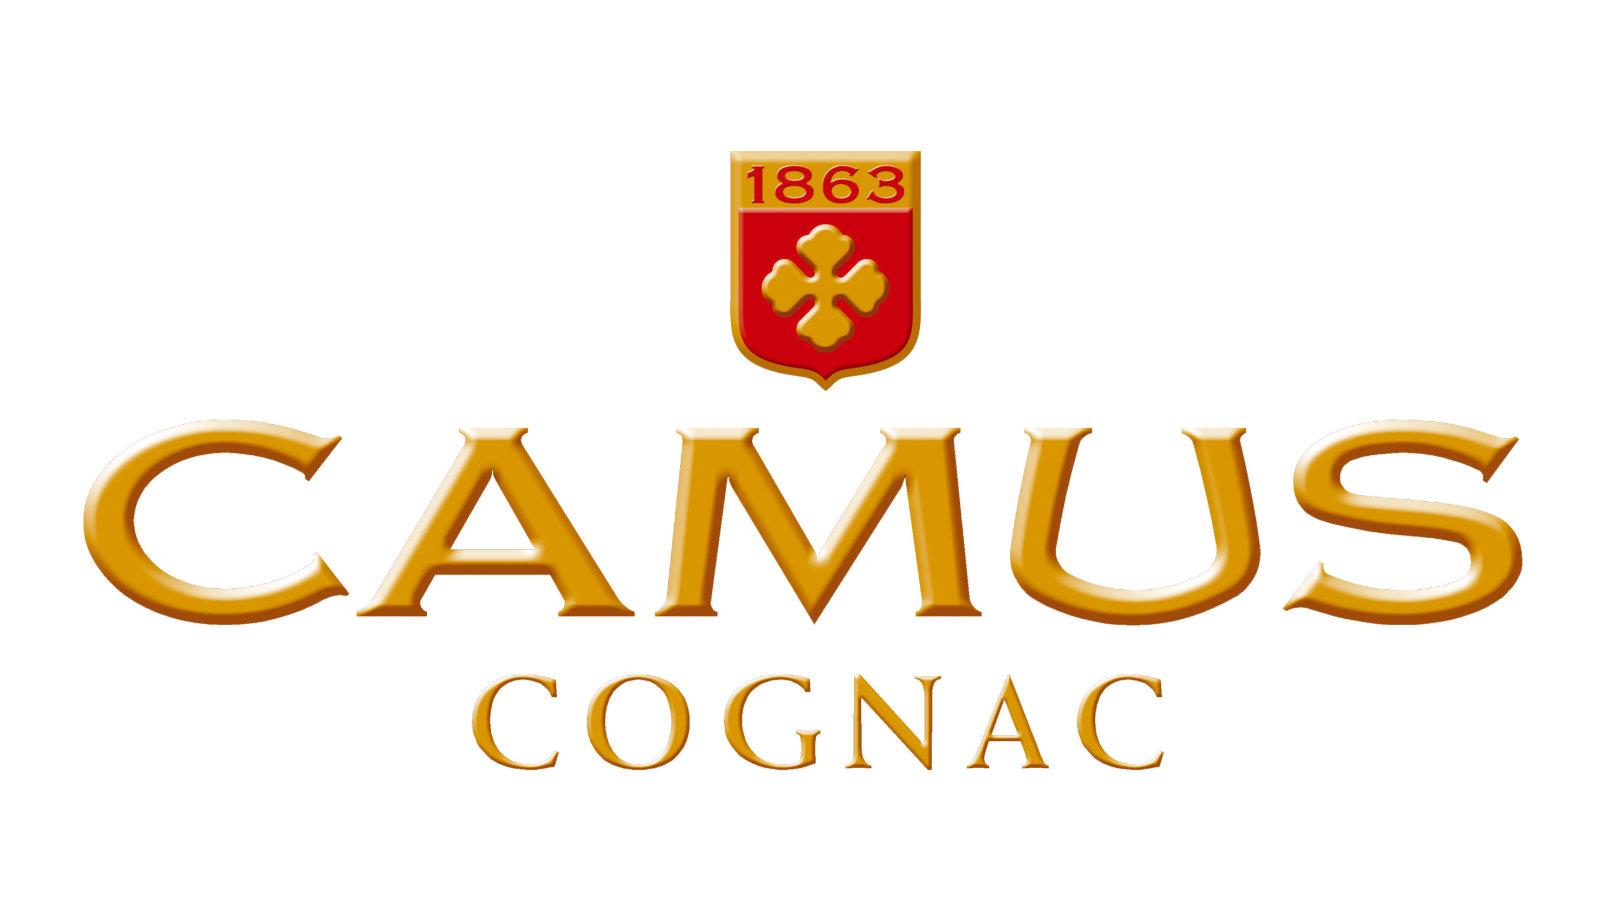 Cognac-Camus